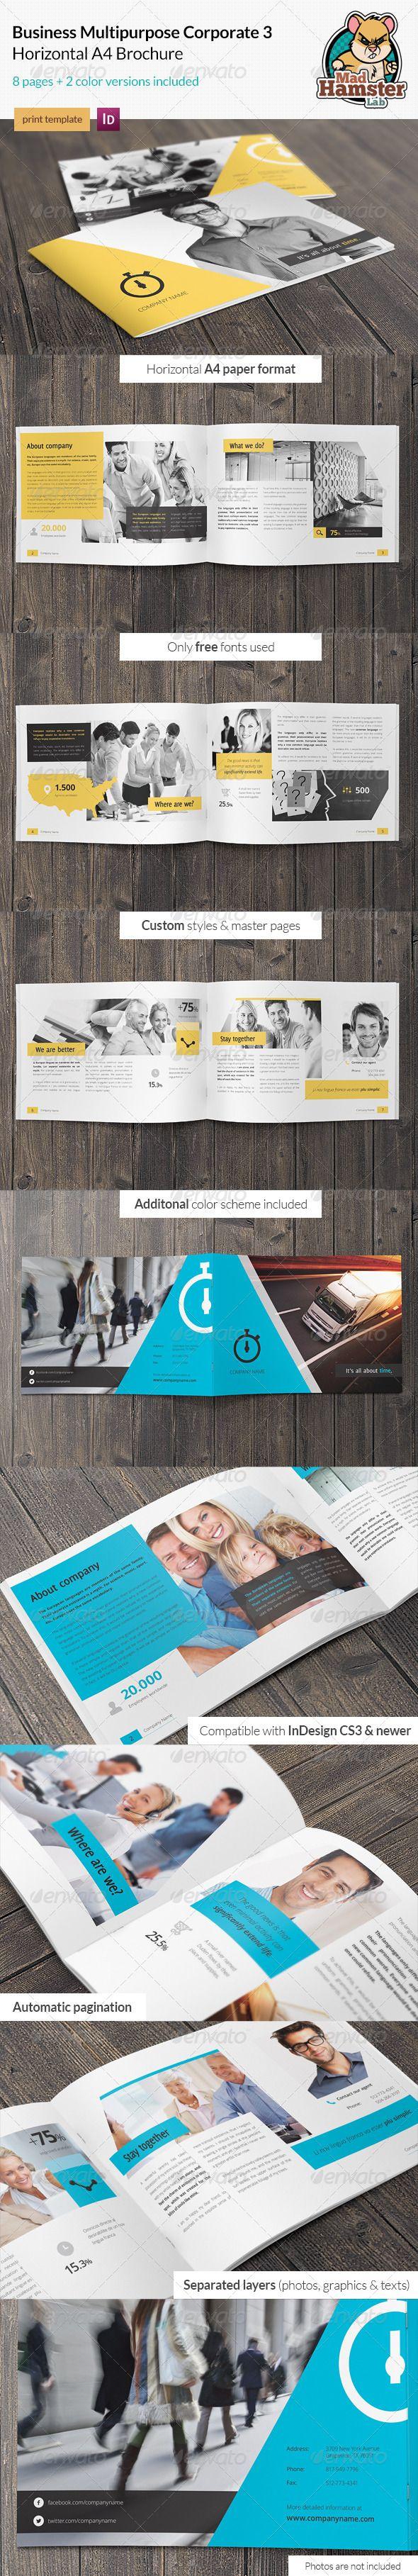 Business / Corporate Multi-purpose A4 Brochure 3